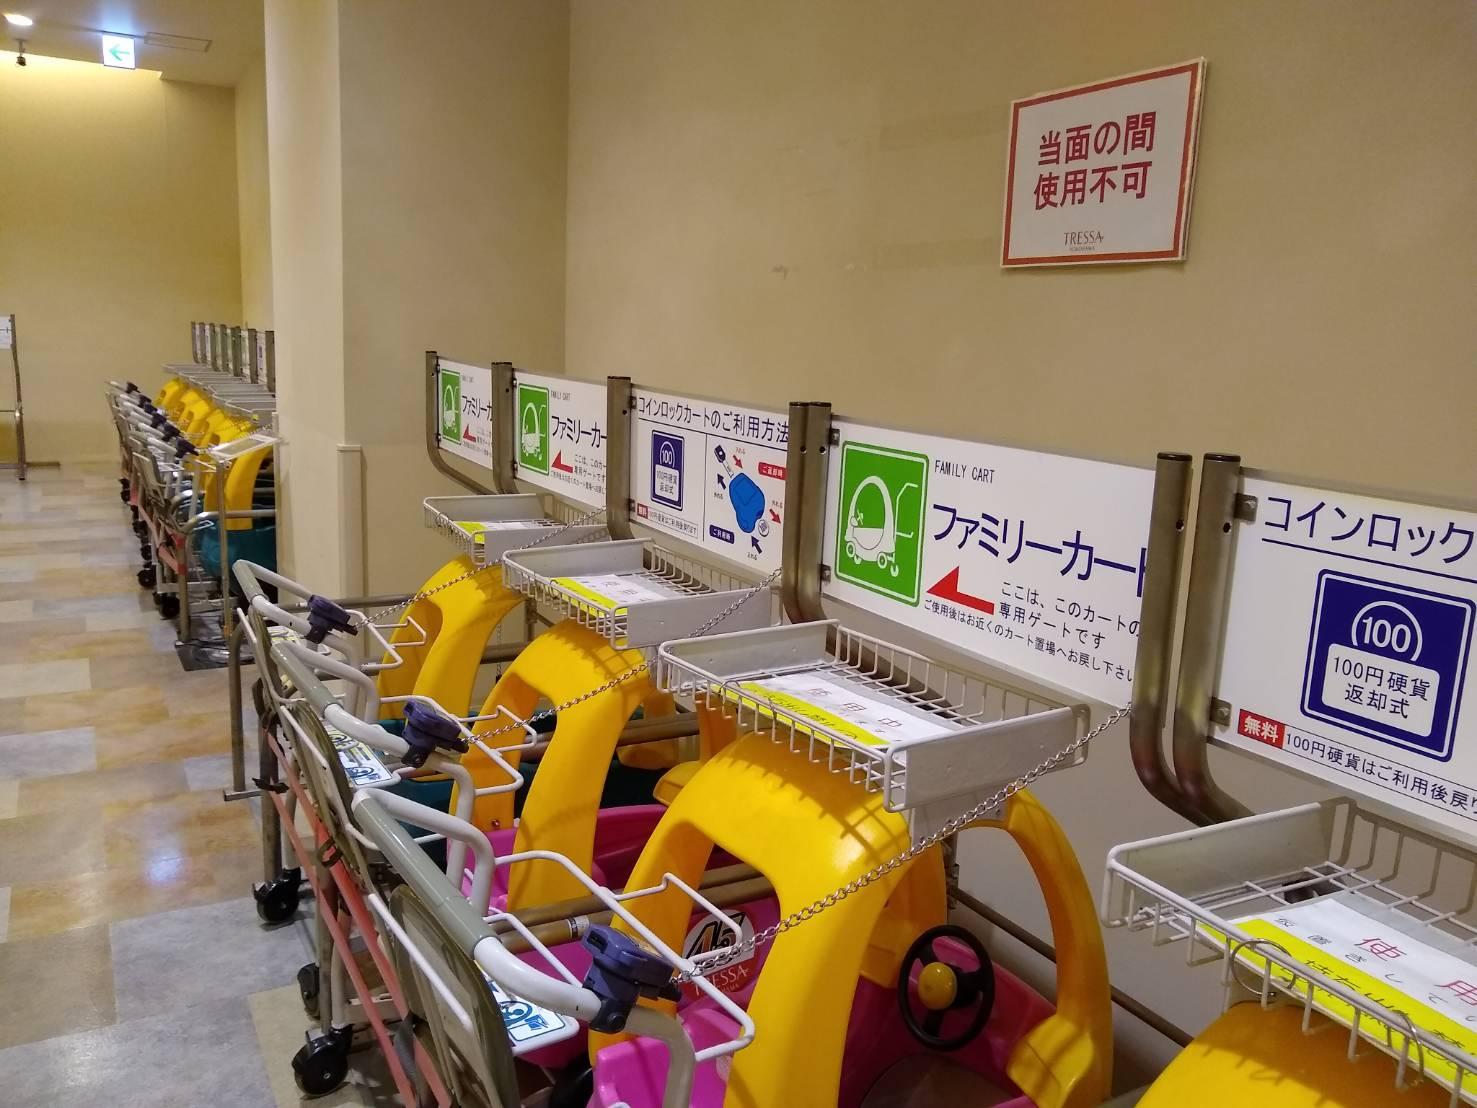 トレッサ横浜のカート